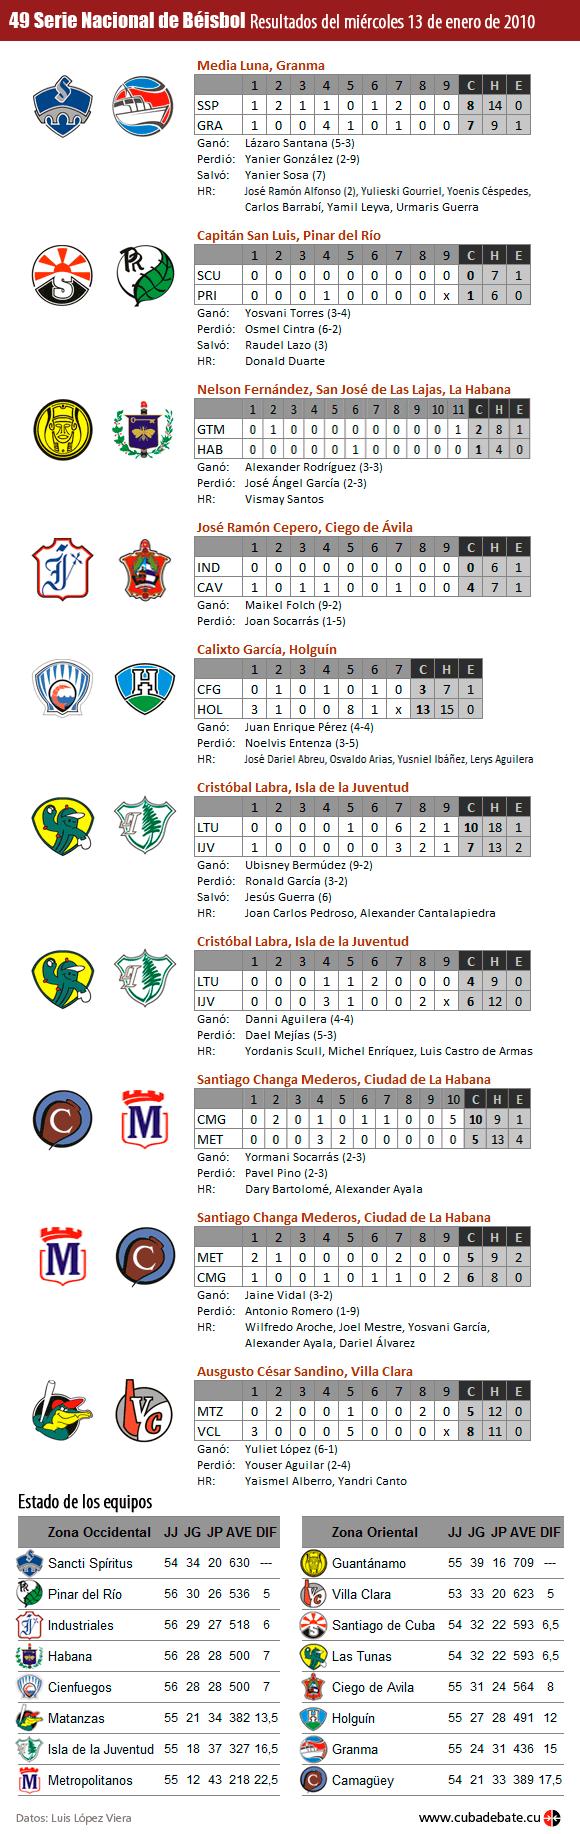 Infografia: Resultados del 13 de enero de 2010, Serie Nacional de Beisbol, Cuba